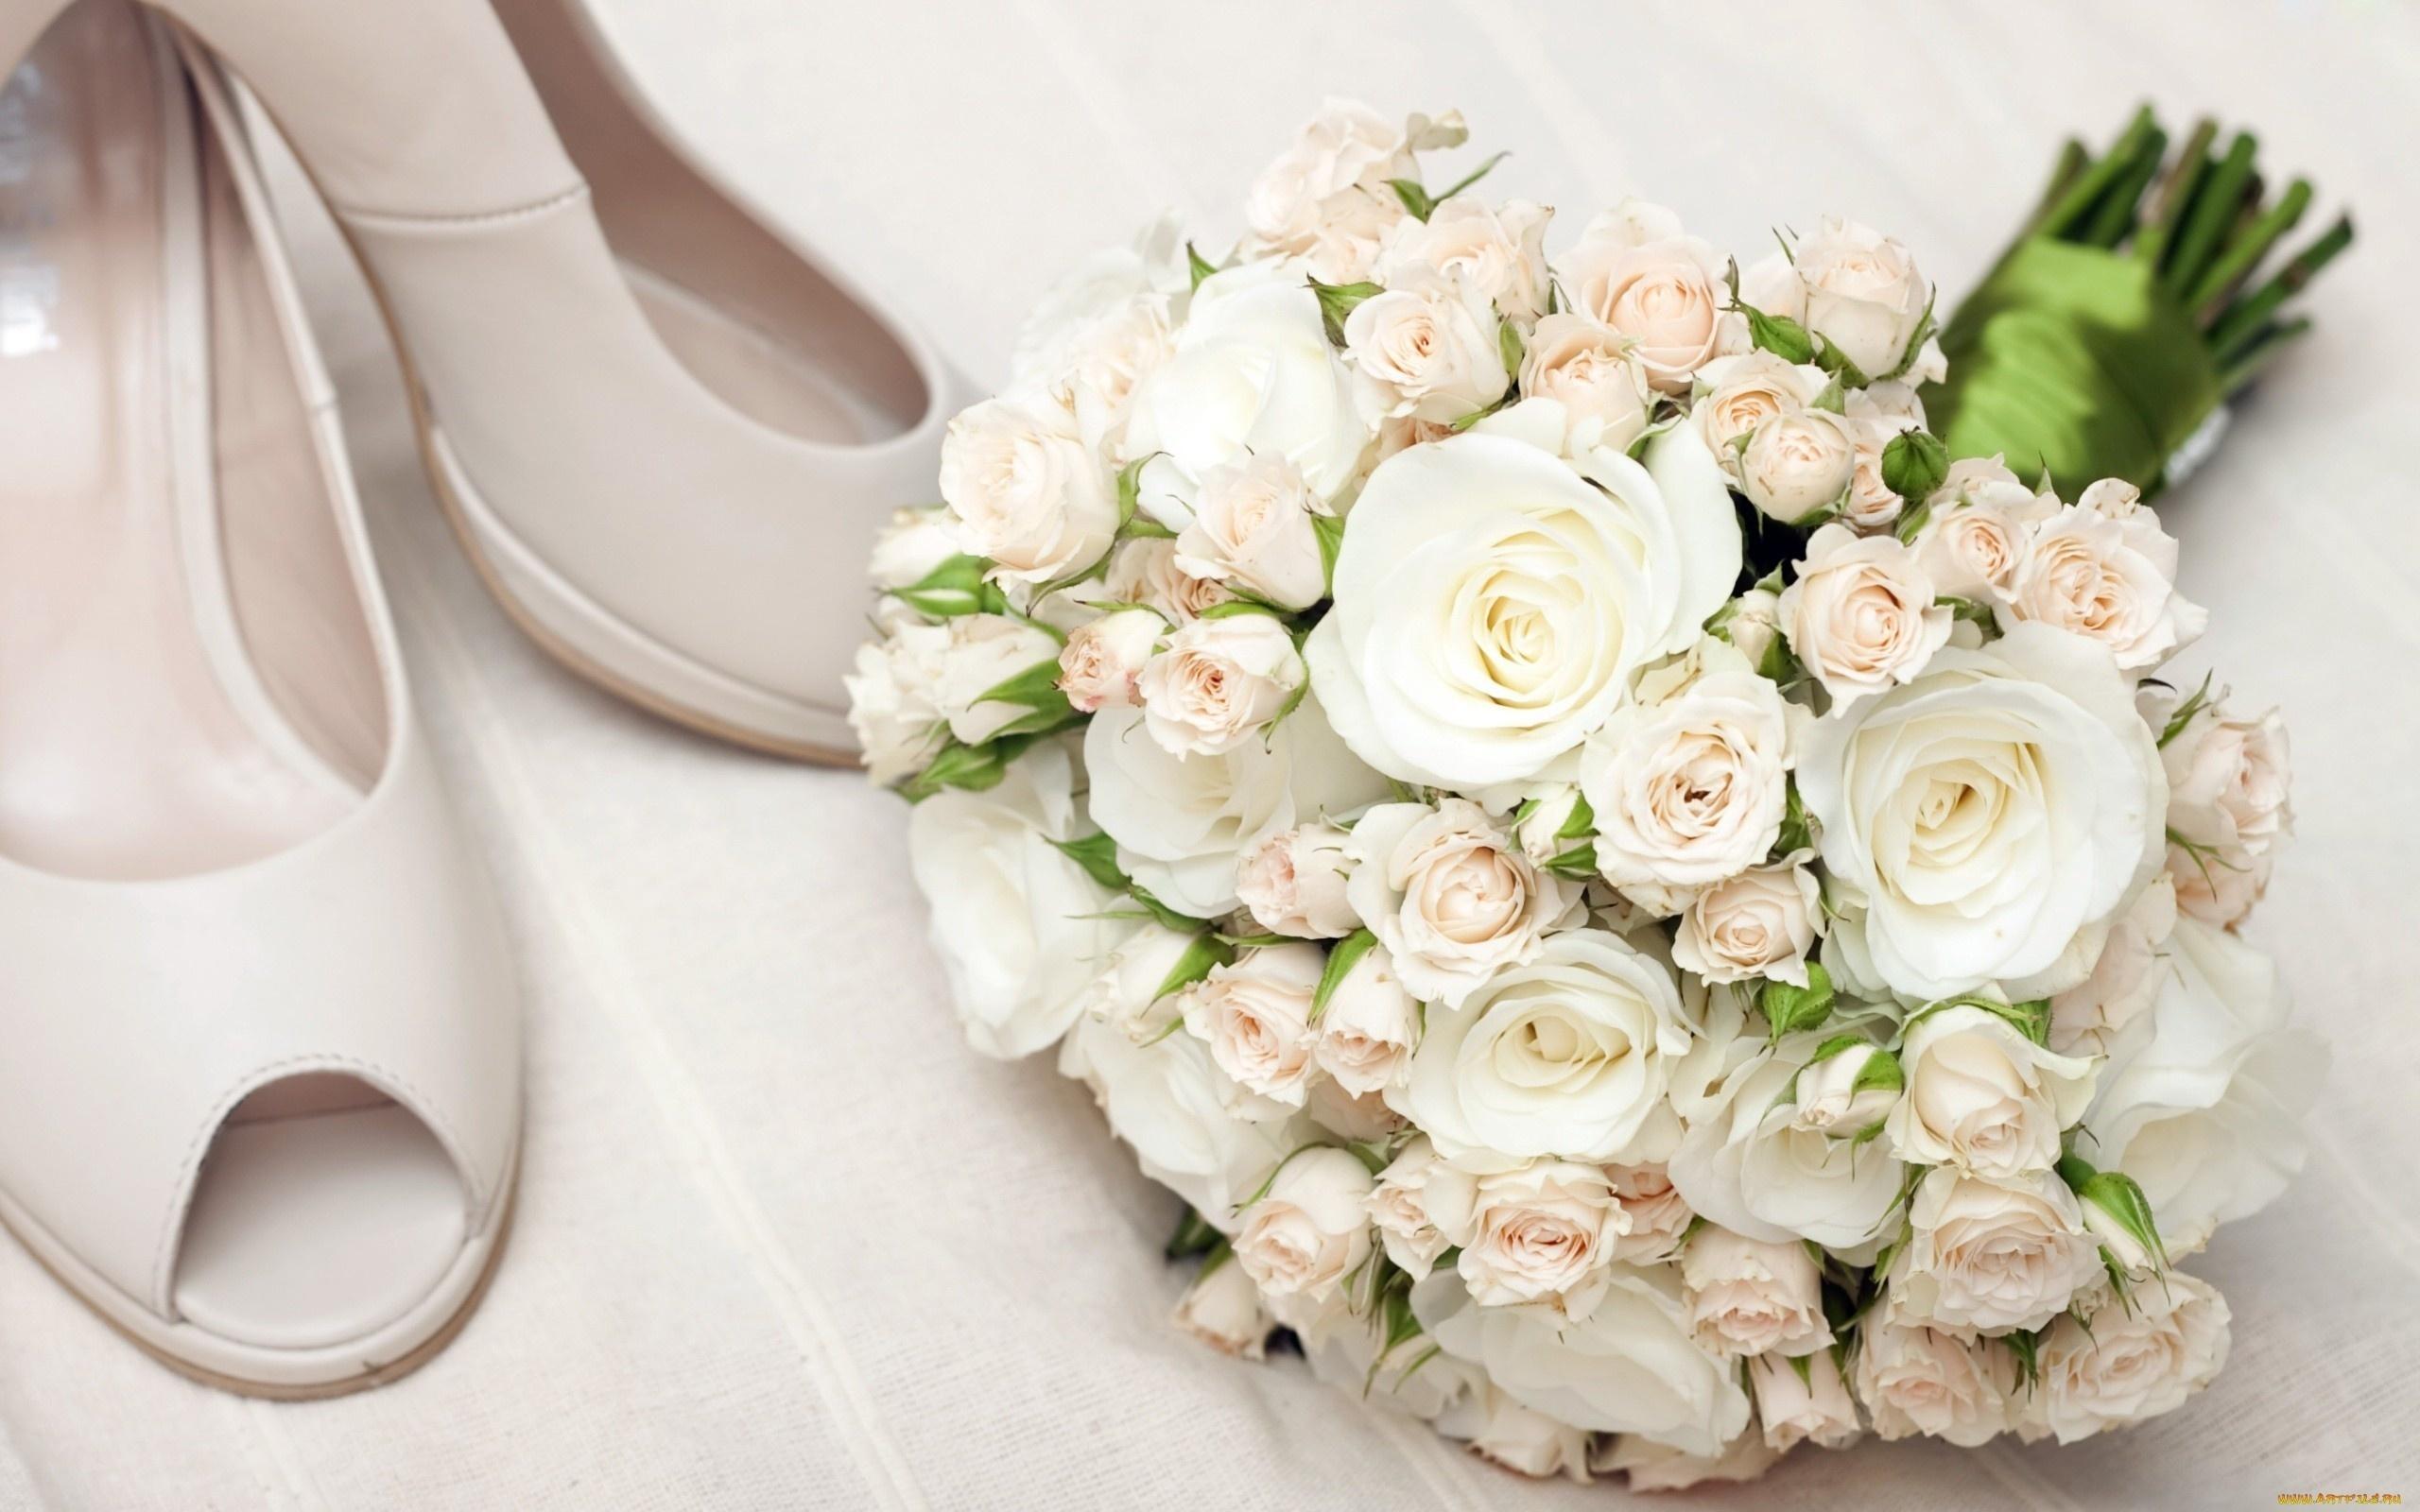 Цветы свадьба картинки, подписывать